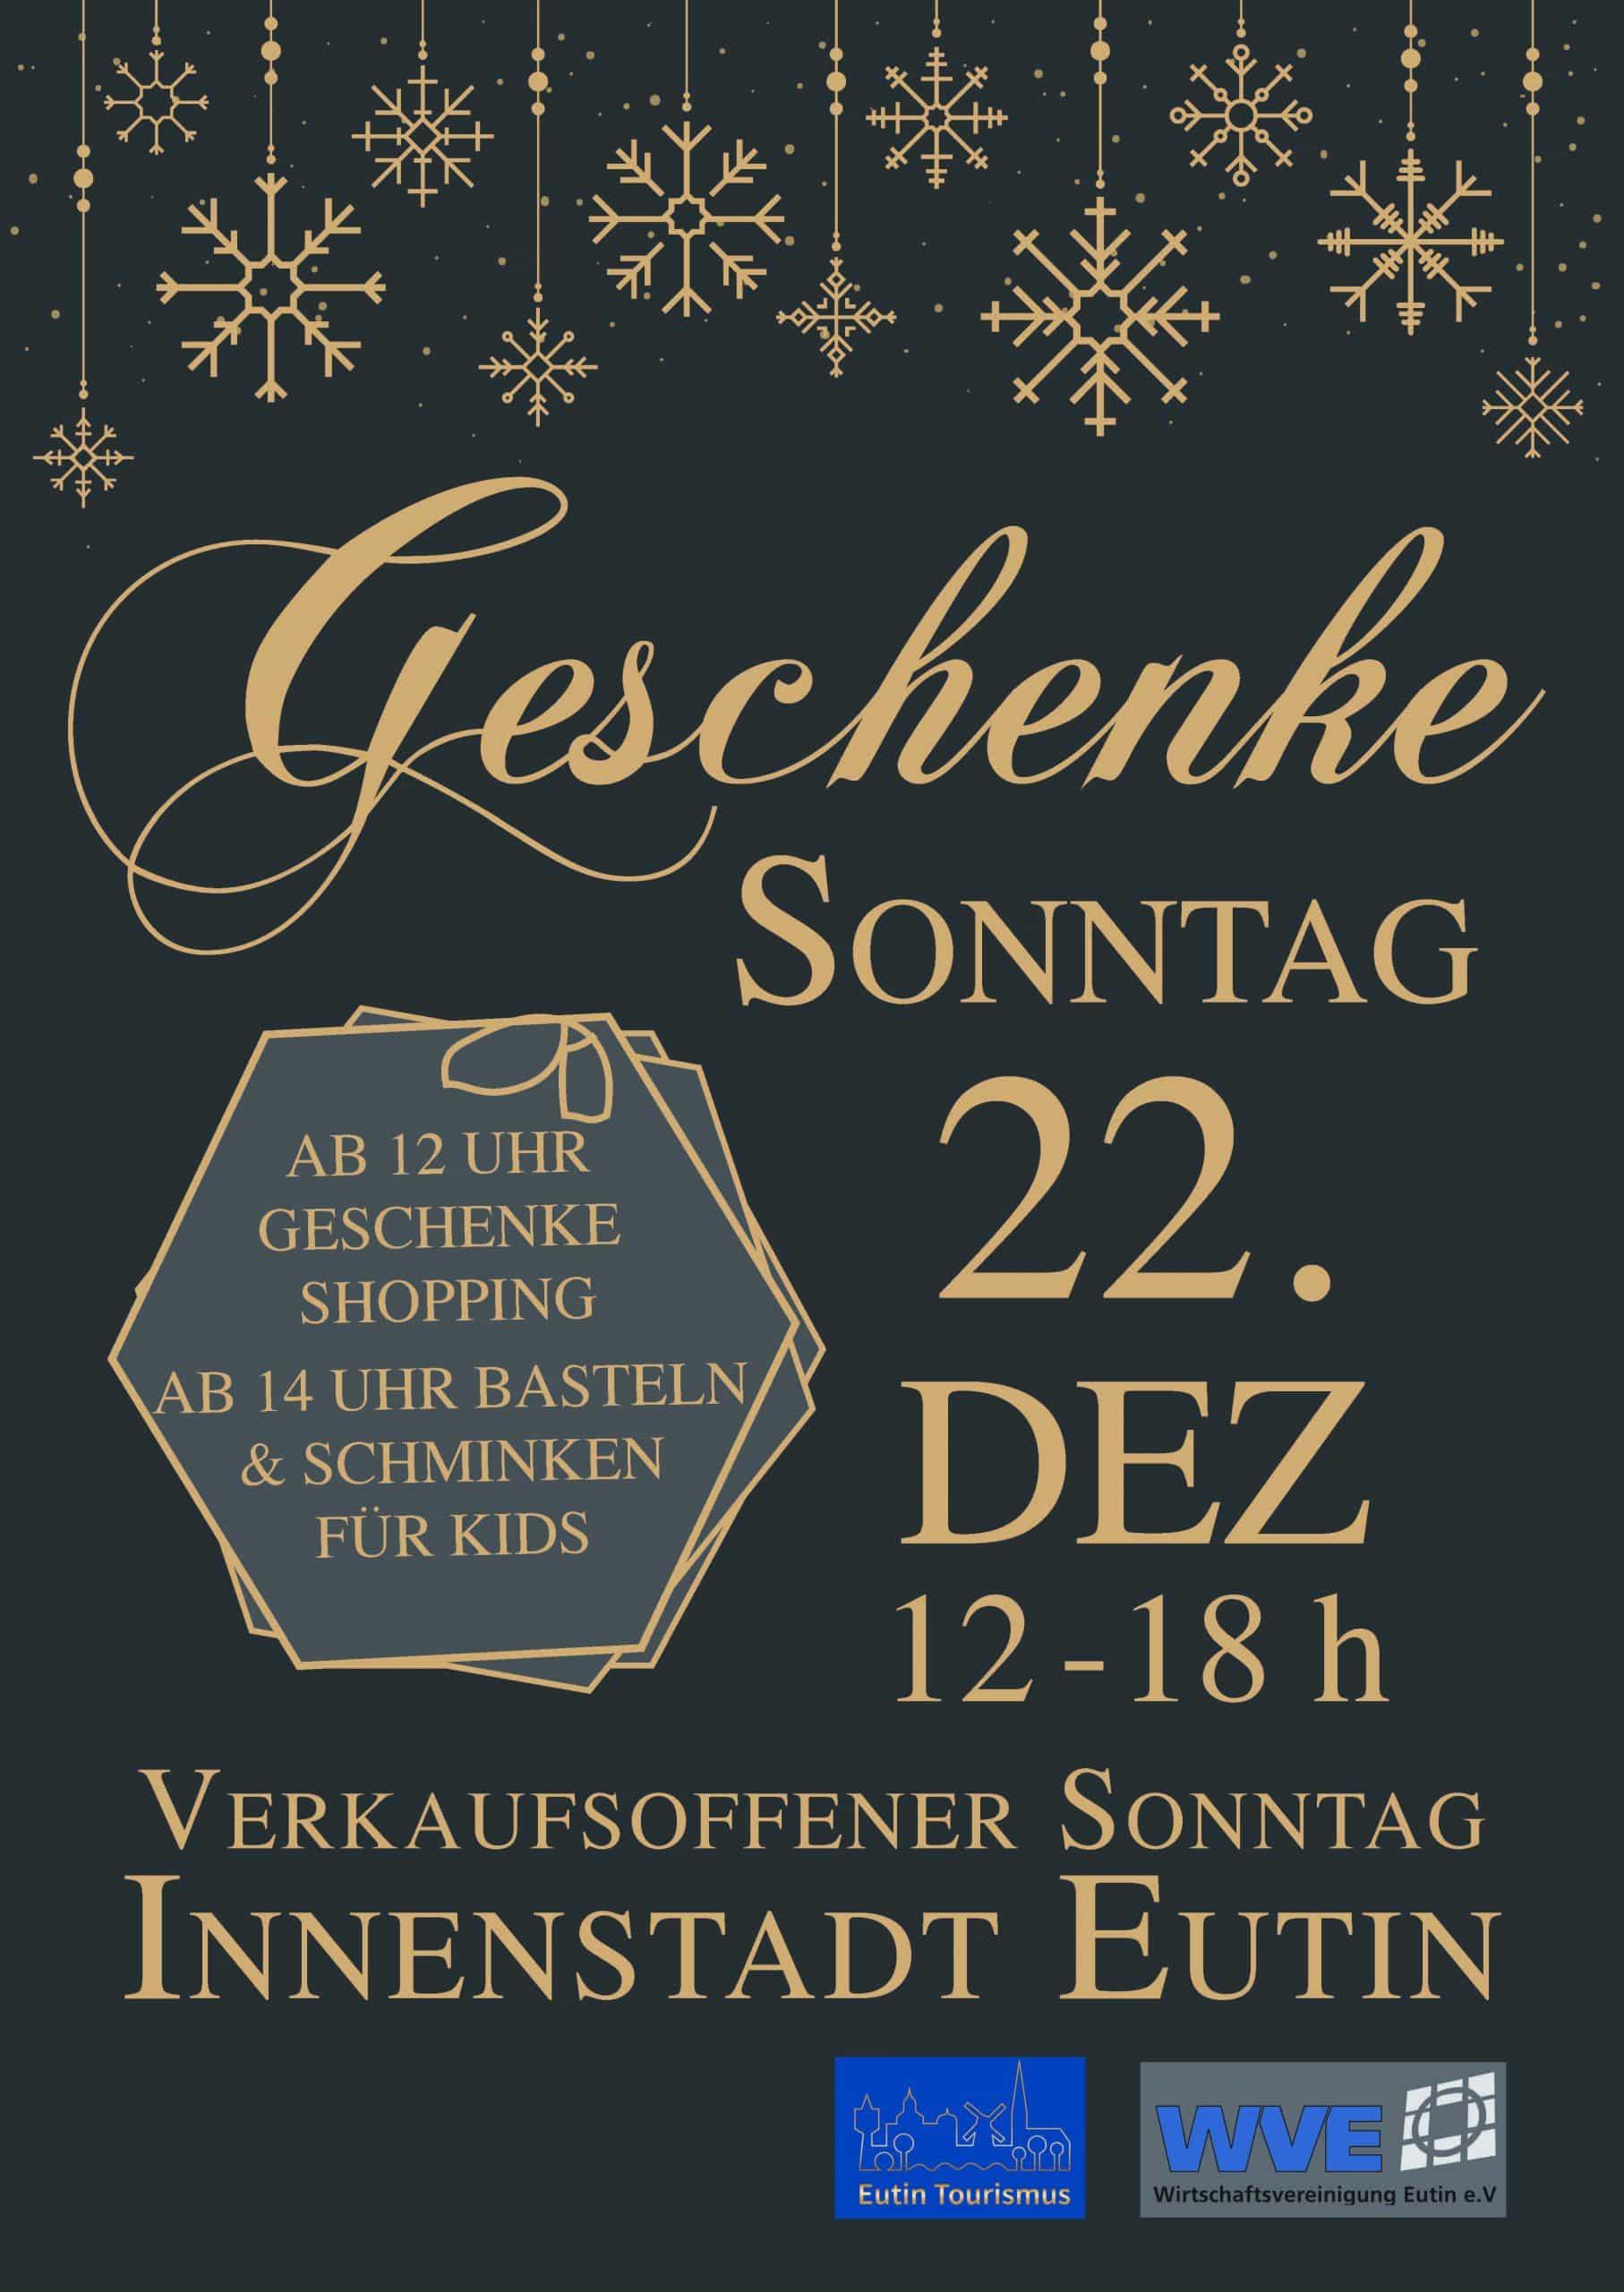 Geschenke-Sonntag_Erlebnisshopping_A3_Druckdatei